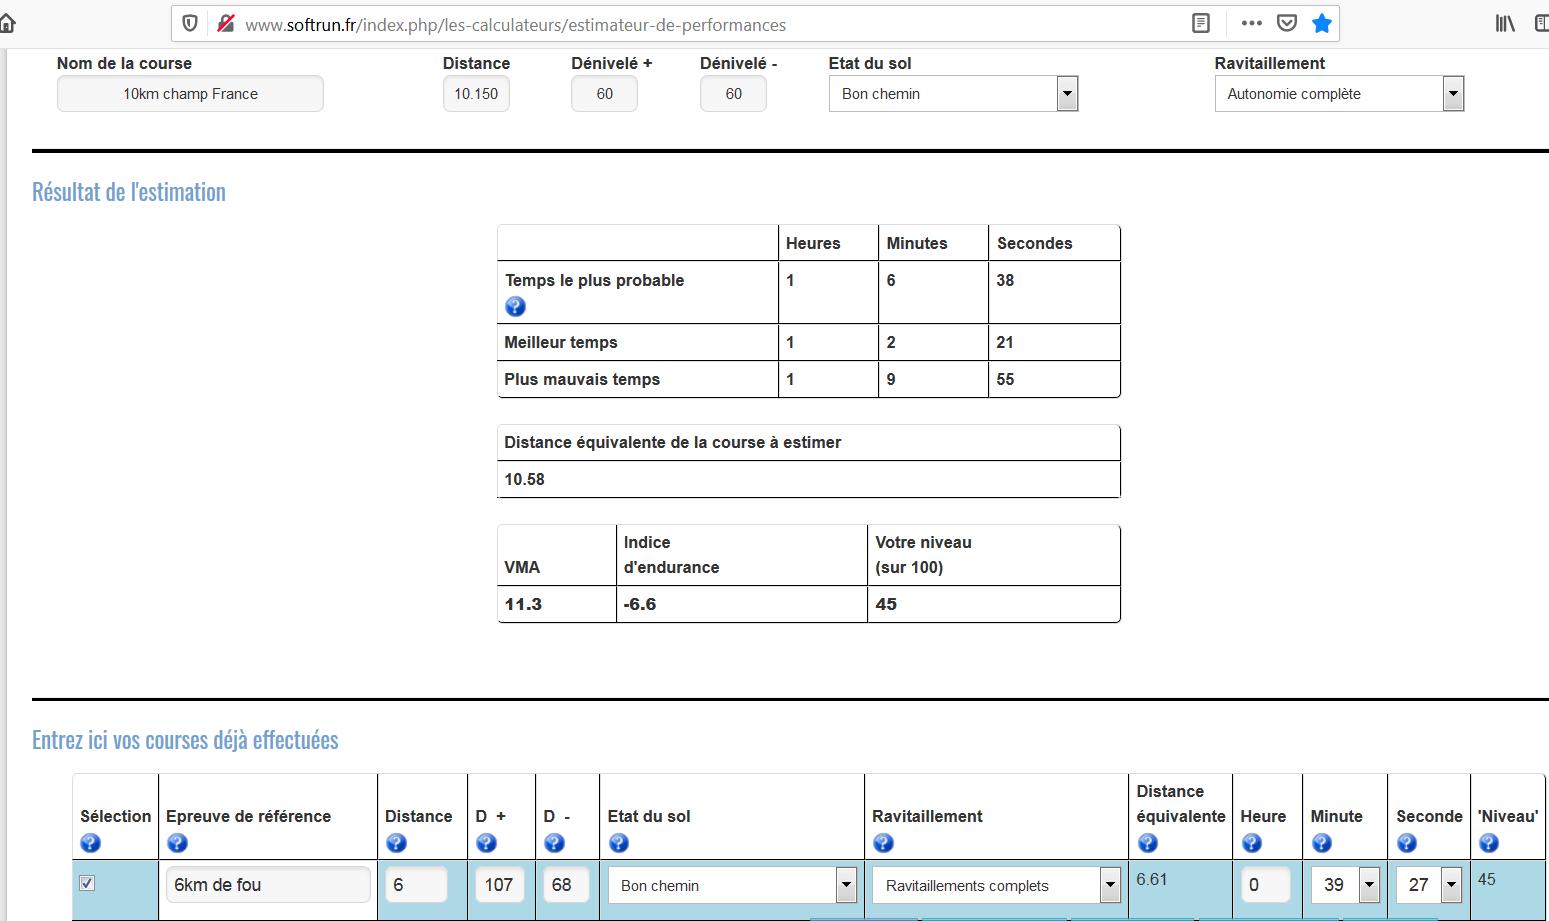 Préparation écotrail Paris 80 km et OCC (course de l'UTMB) 57 km - Page 5 ElxditpXEAUd5Ge?format=png&name=large